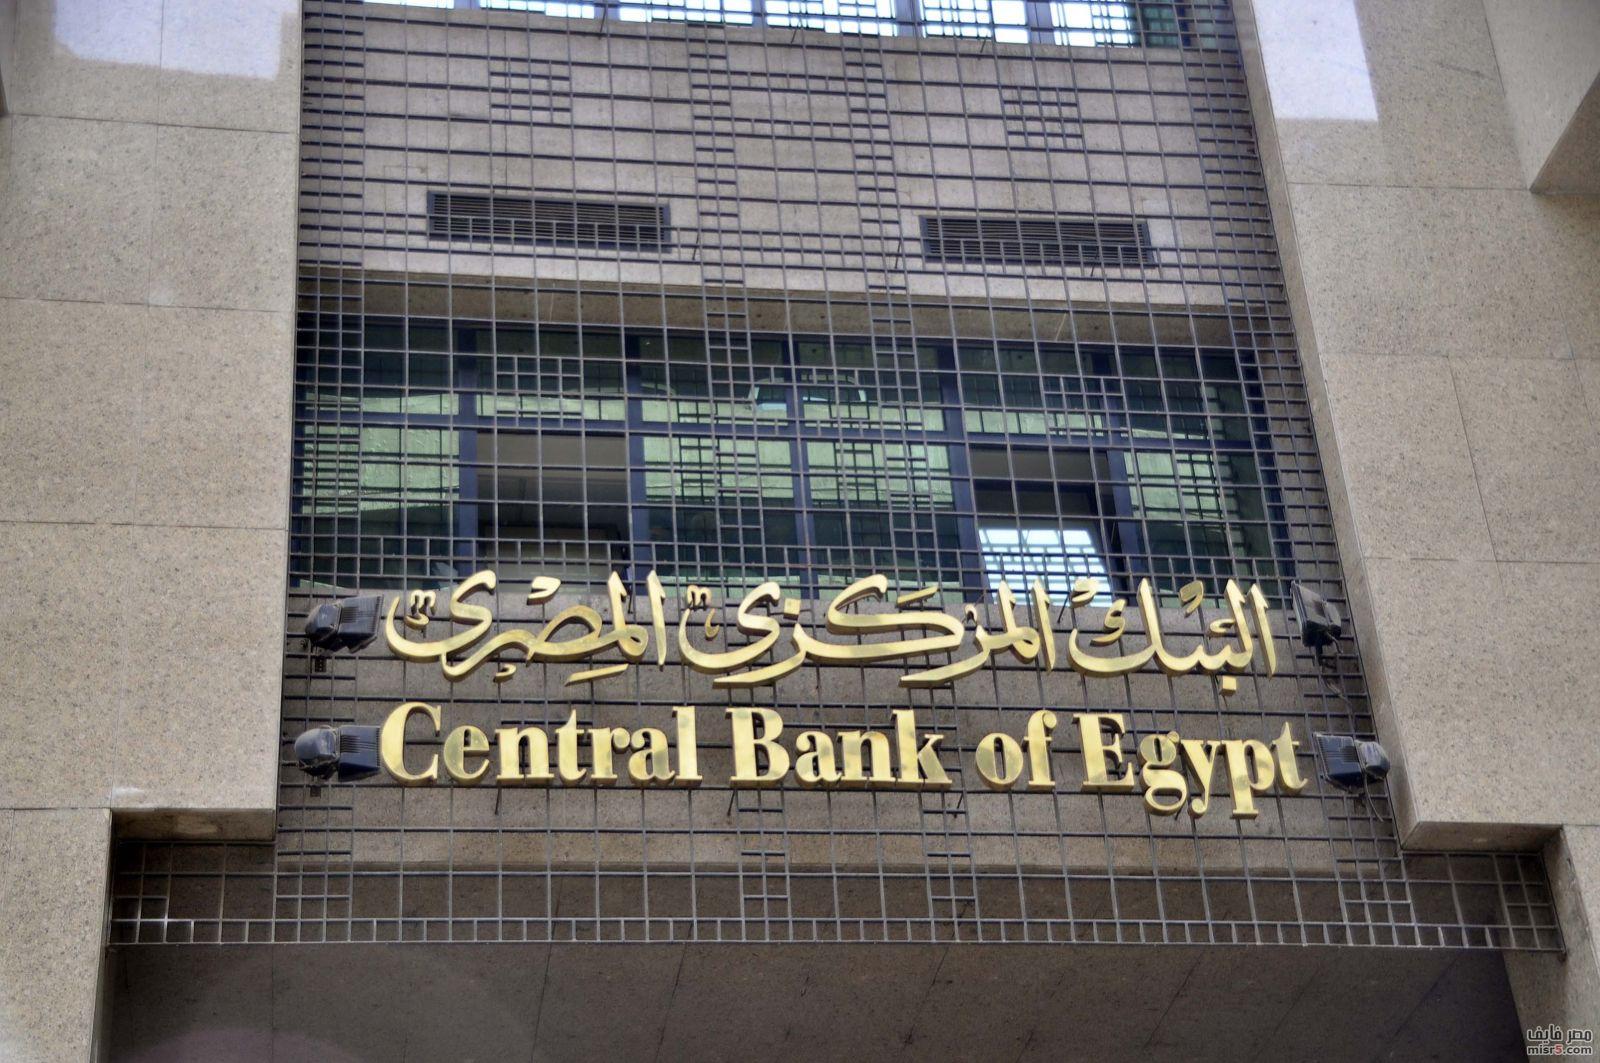 البنك المركزي يثبت سعر الجنيه عند 8.78 جنيه